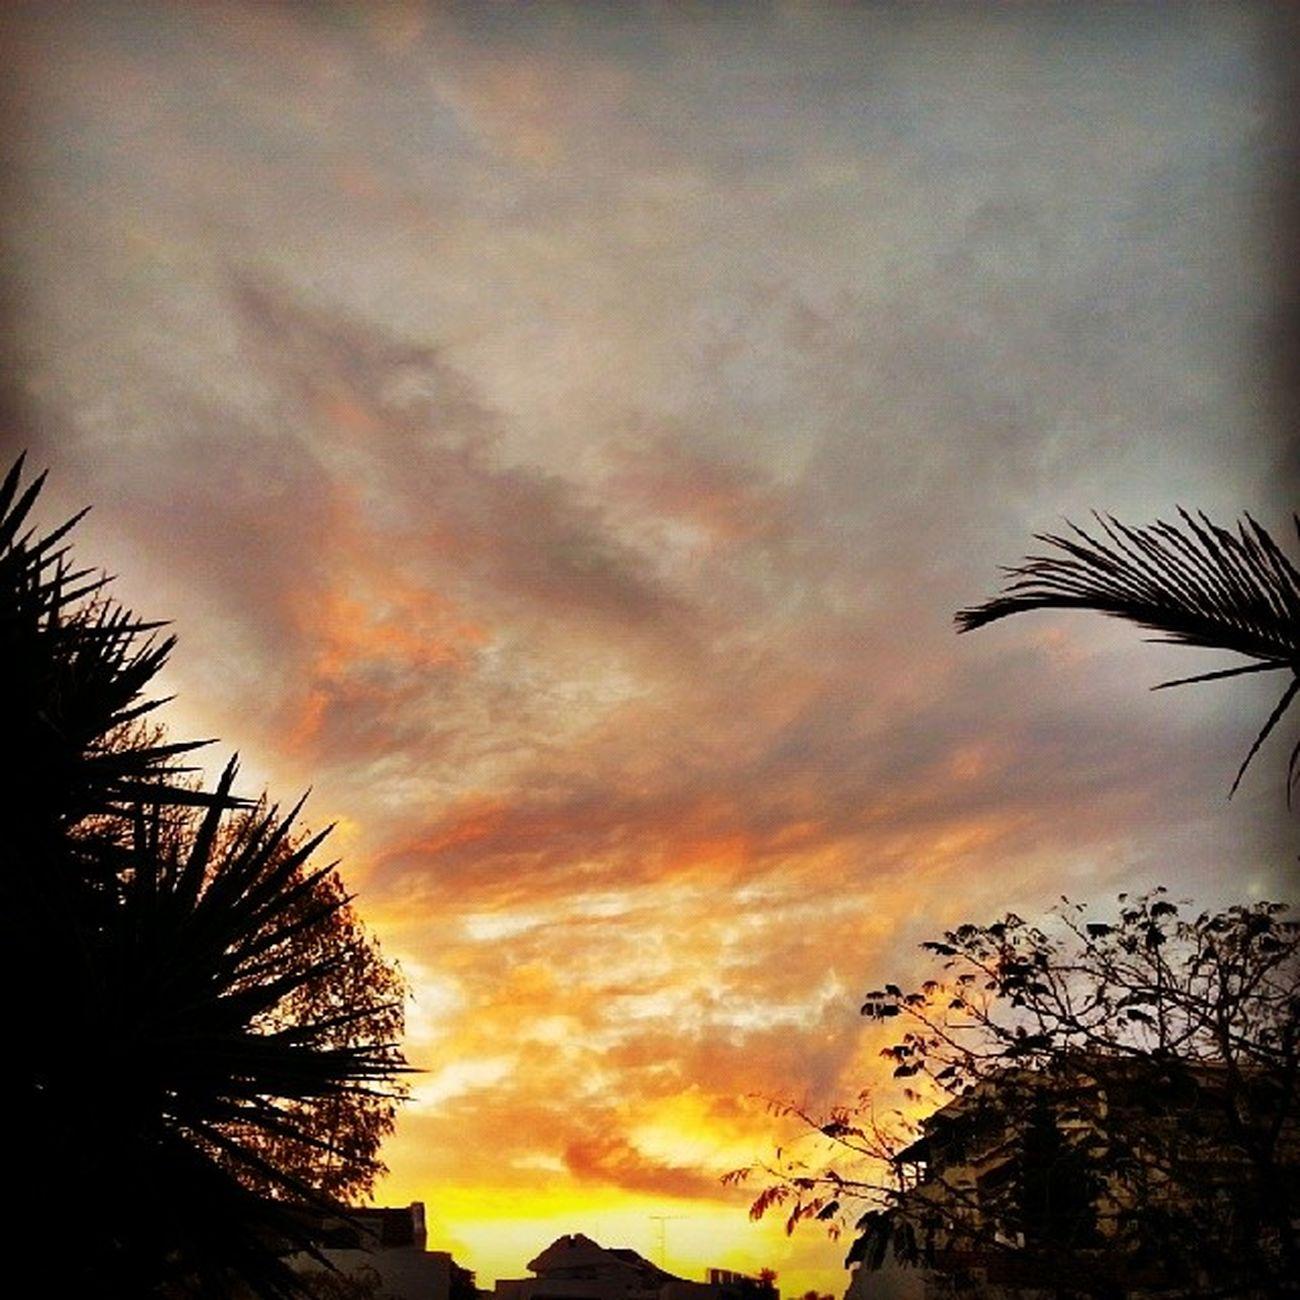 רגע לפני הטיפטוף.... Sunsetsunrise_photo